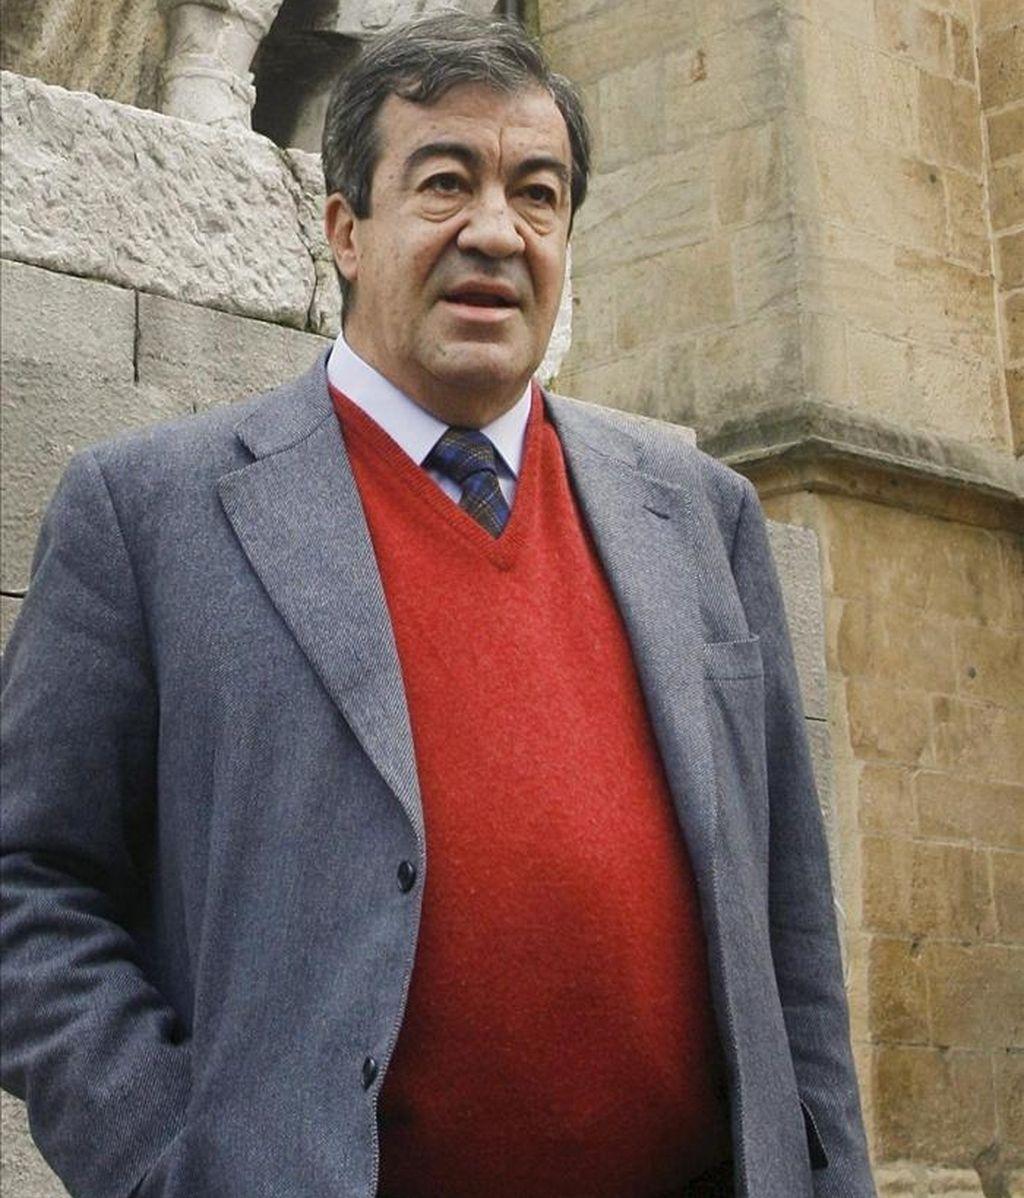 El exvicepresidente del Gobierno y candidato de Foro Asturias a la Presidencia del Principado, Francisco Álvarez-Cascos. EFE/Archivo